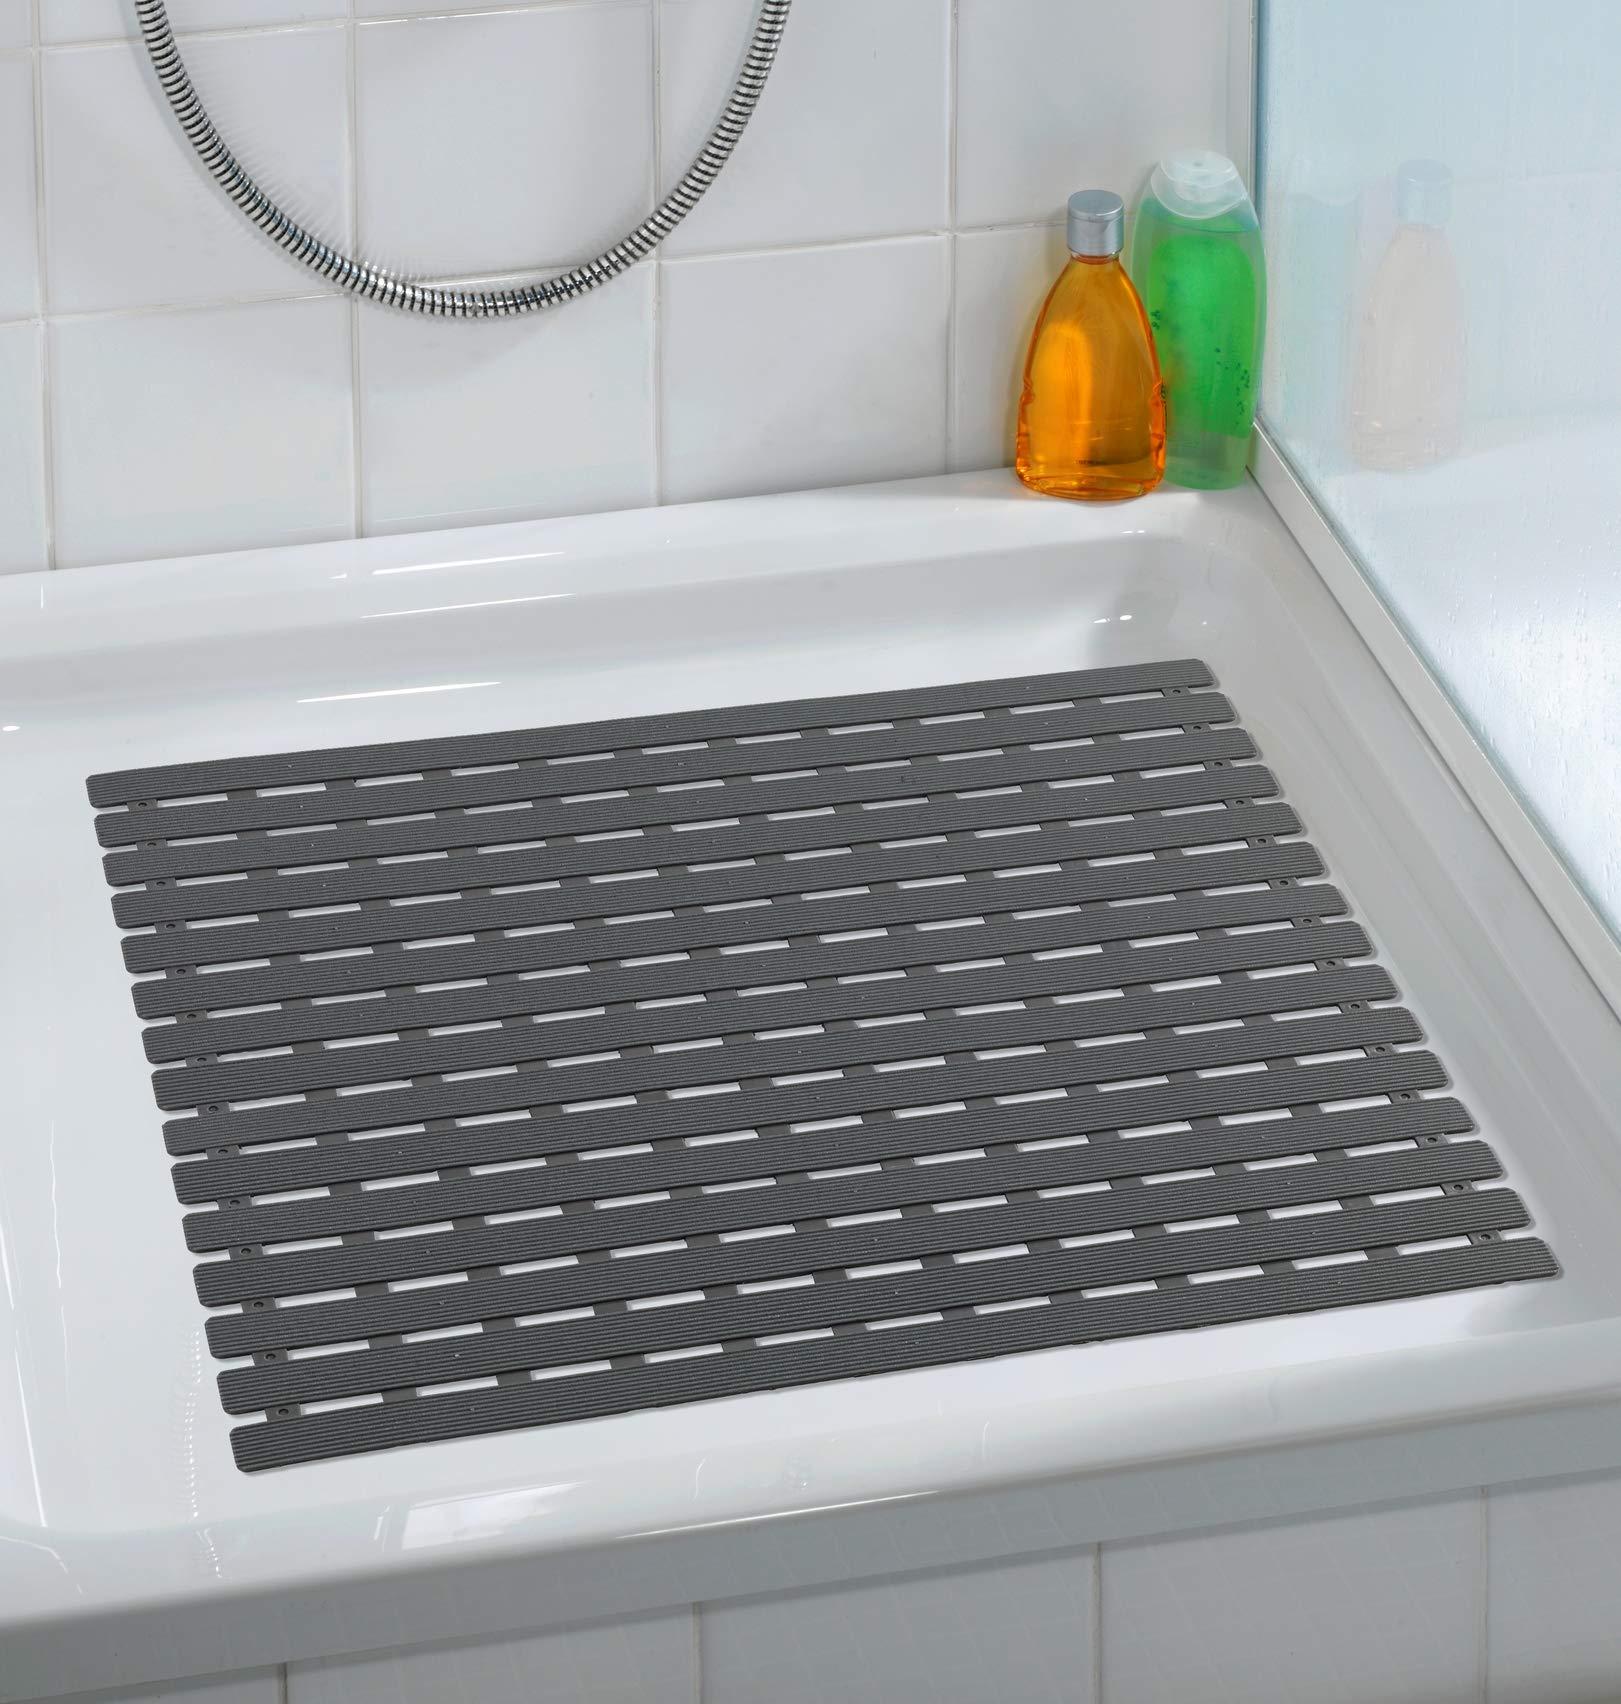 WENKO 23125100 Shower mat Arinos, 21.3 x 21.3 inch, Grey by WENKO